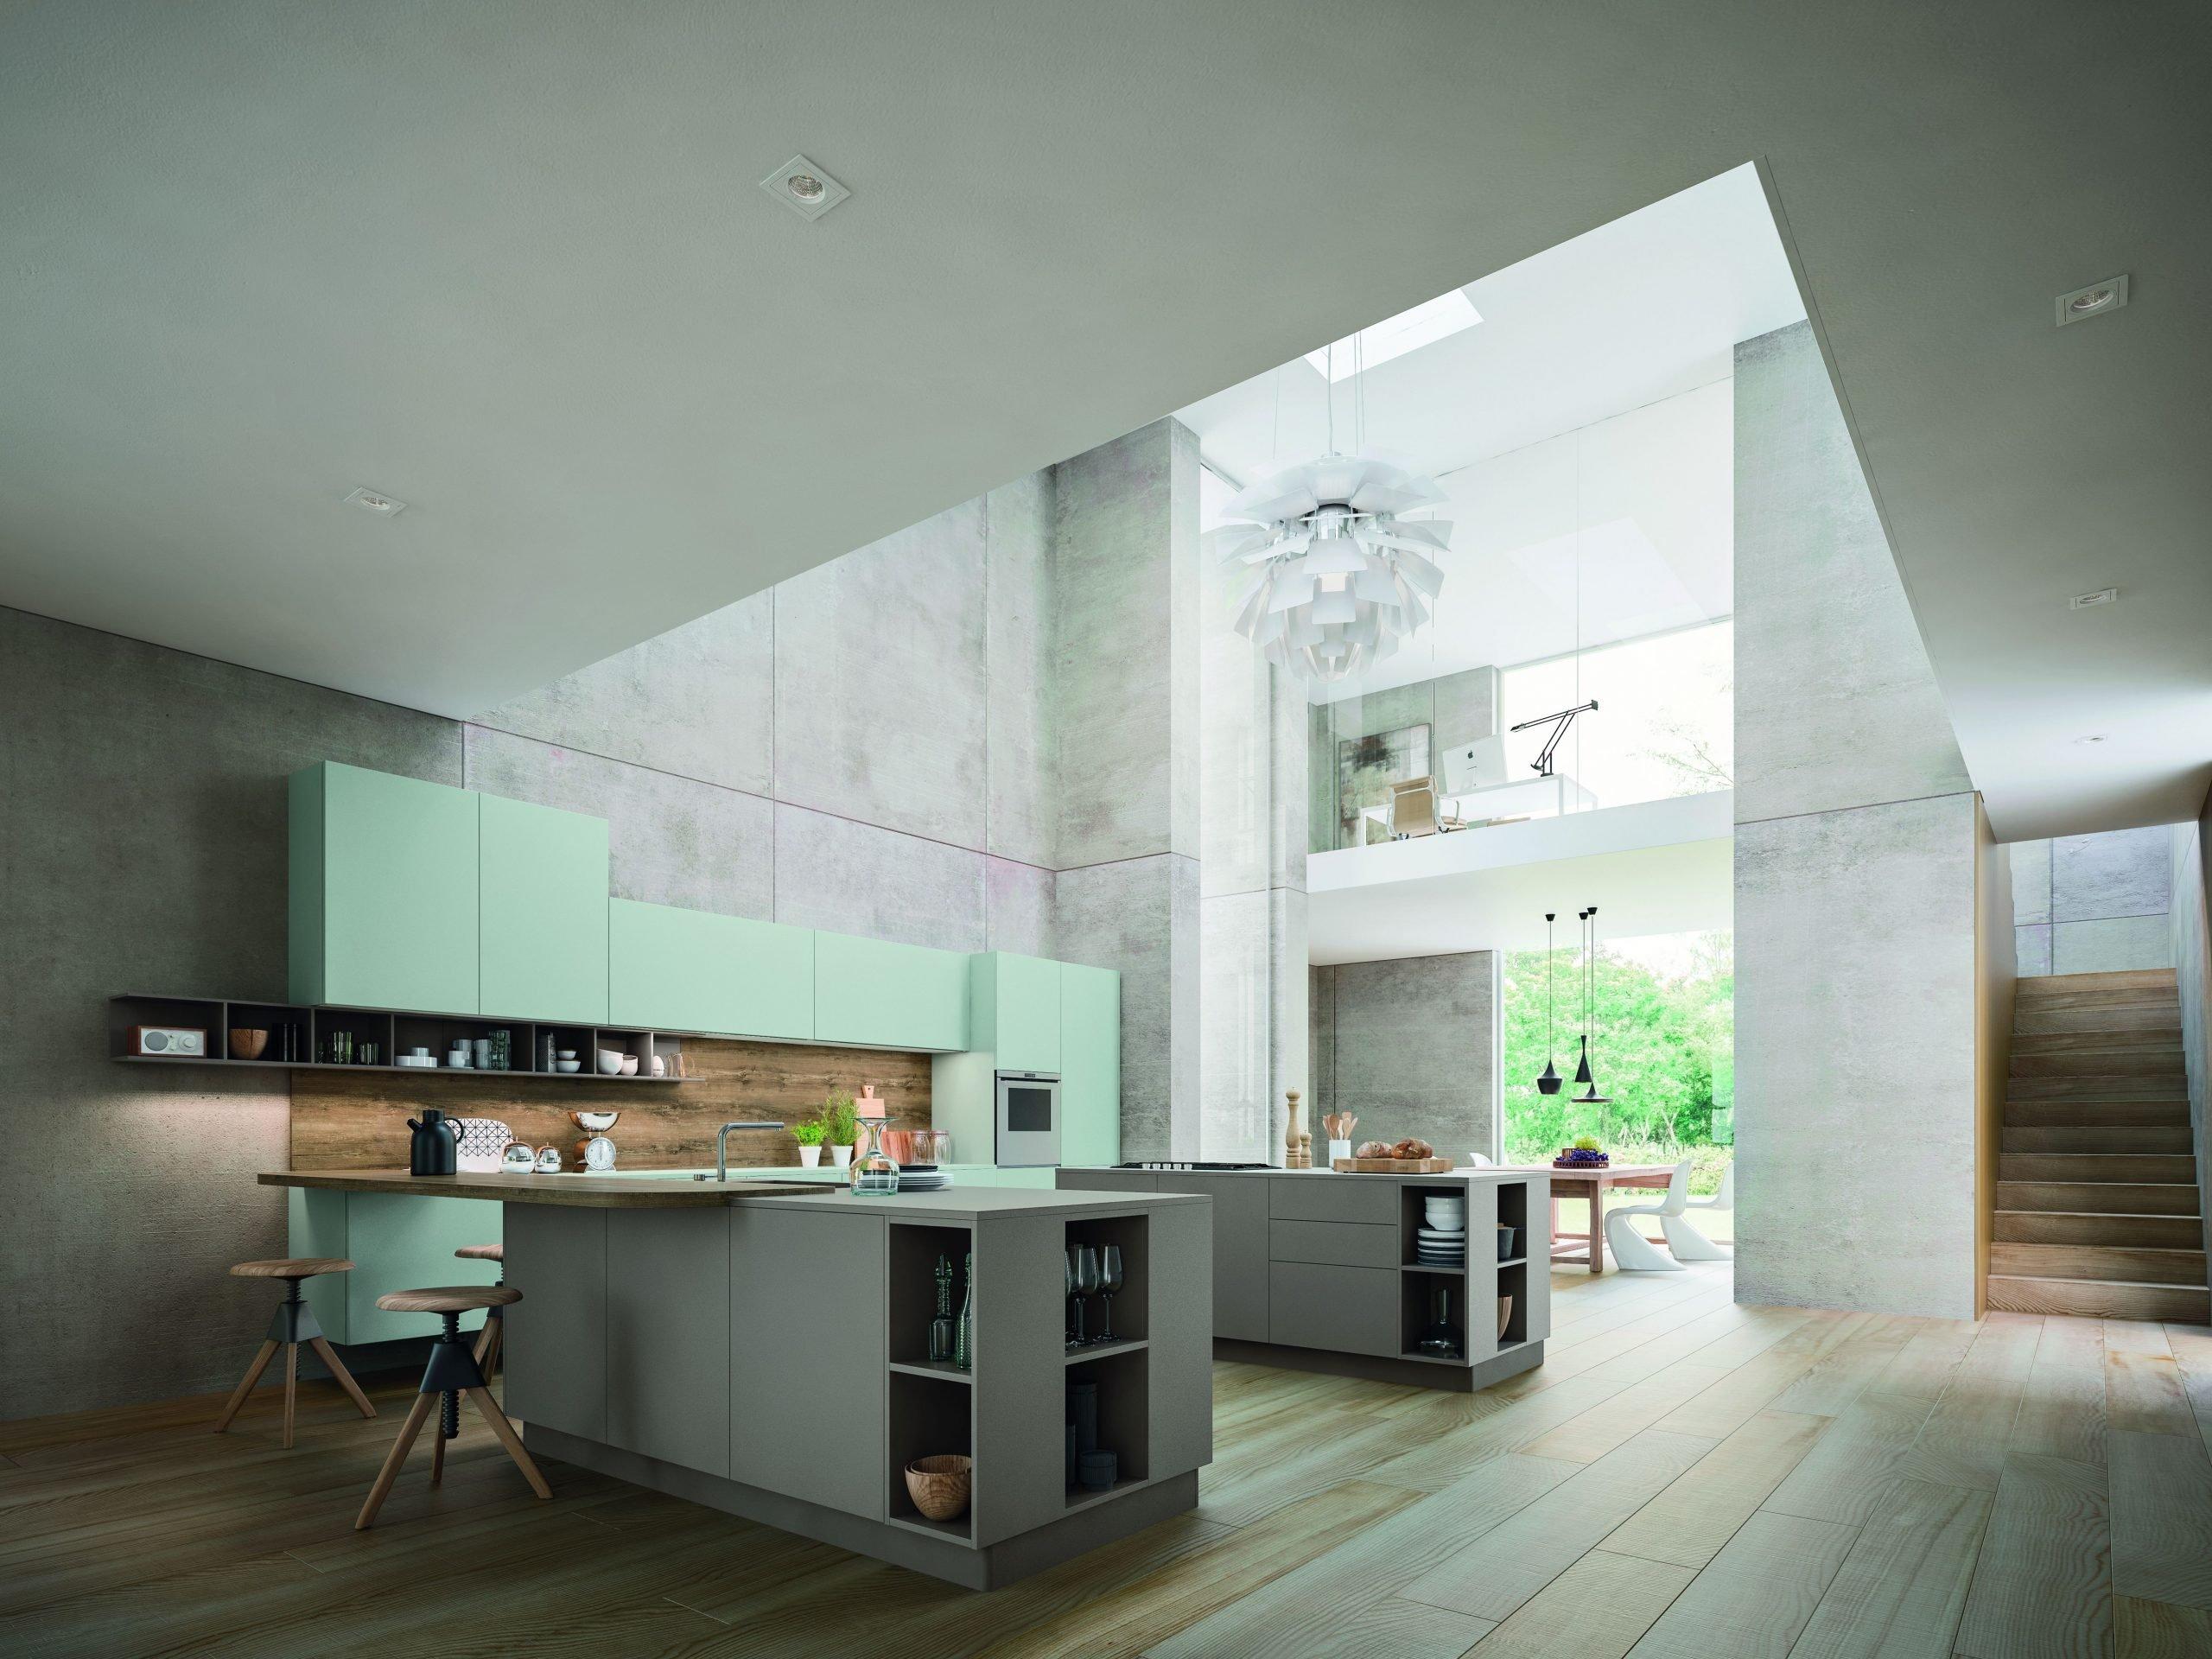 splendida ambientazione di cucina open space colore tortora e verde con vista su area pranzo e soppalco adibito a studio